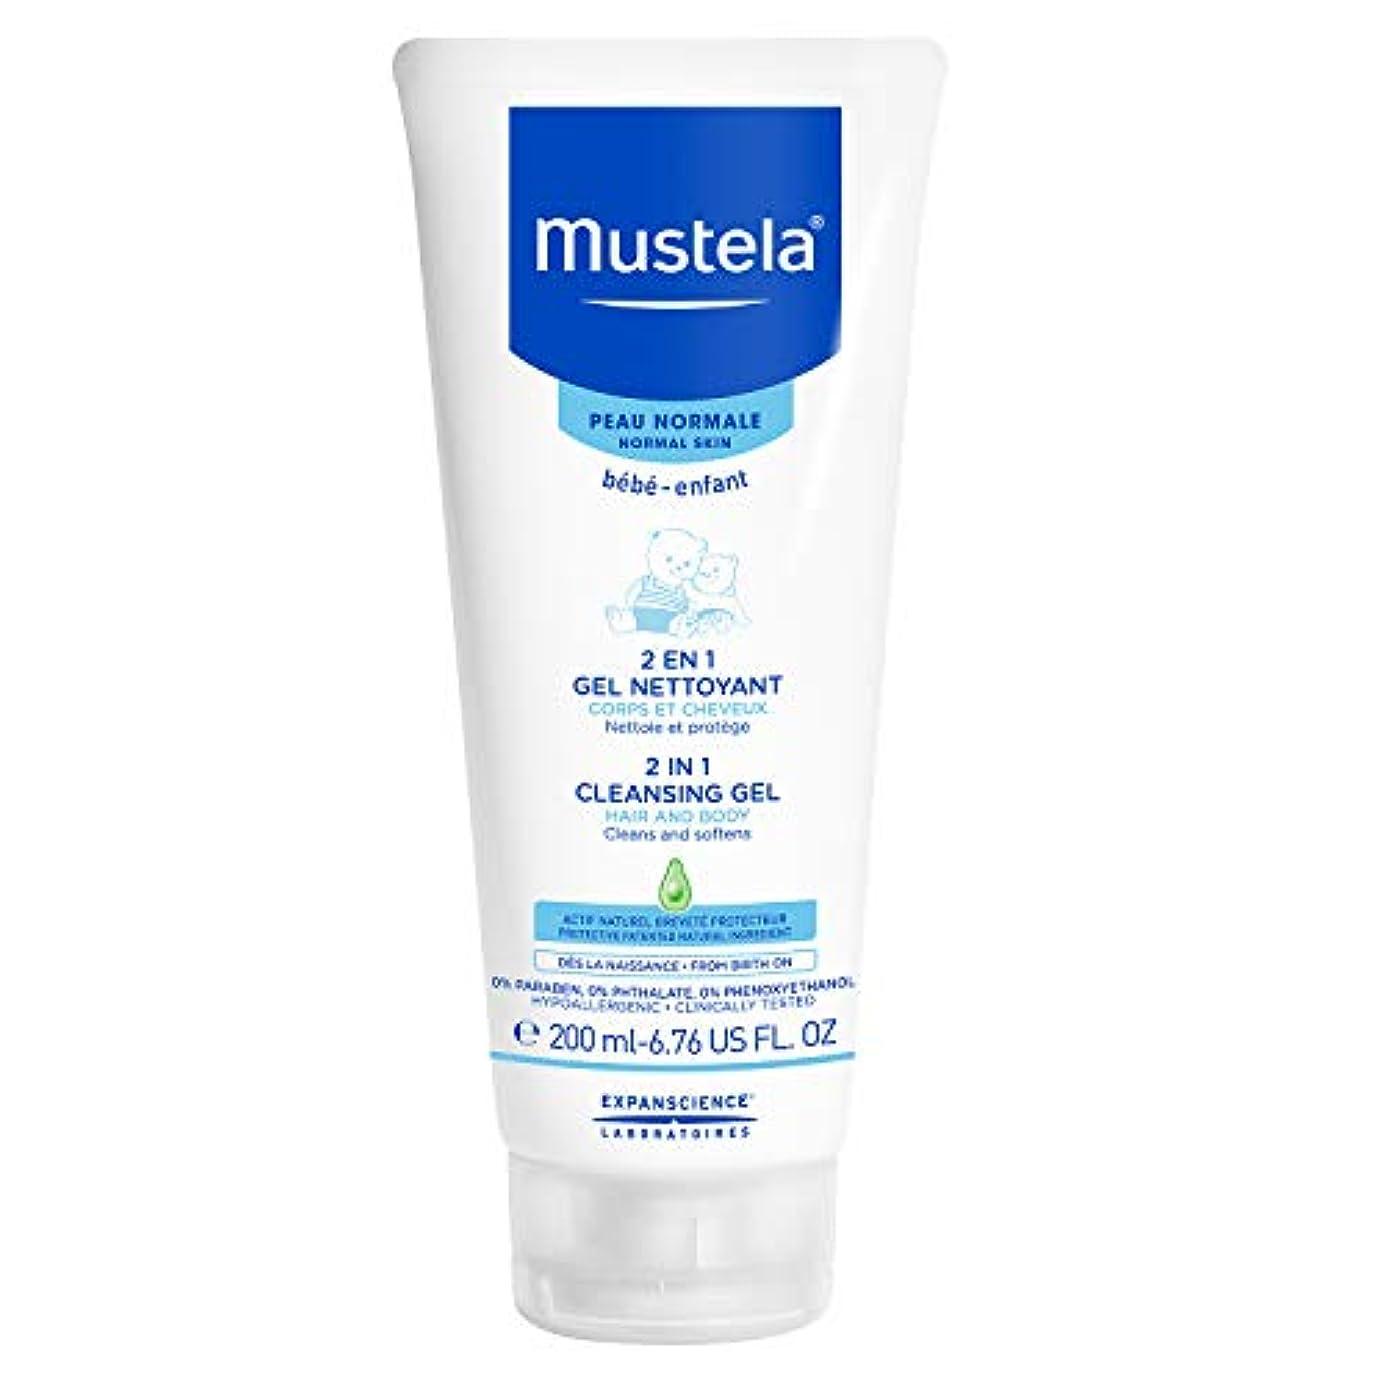 オデュッセウス疑わしい計画Mustela - 2 in 1 Cleansing Gel (6.76 oz.)